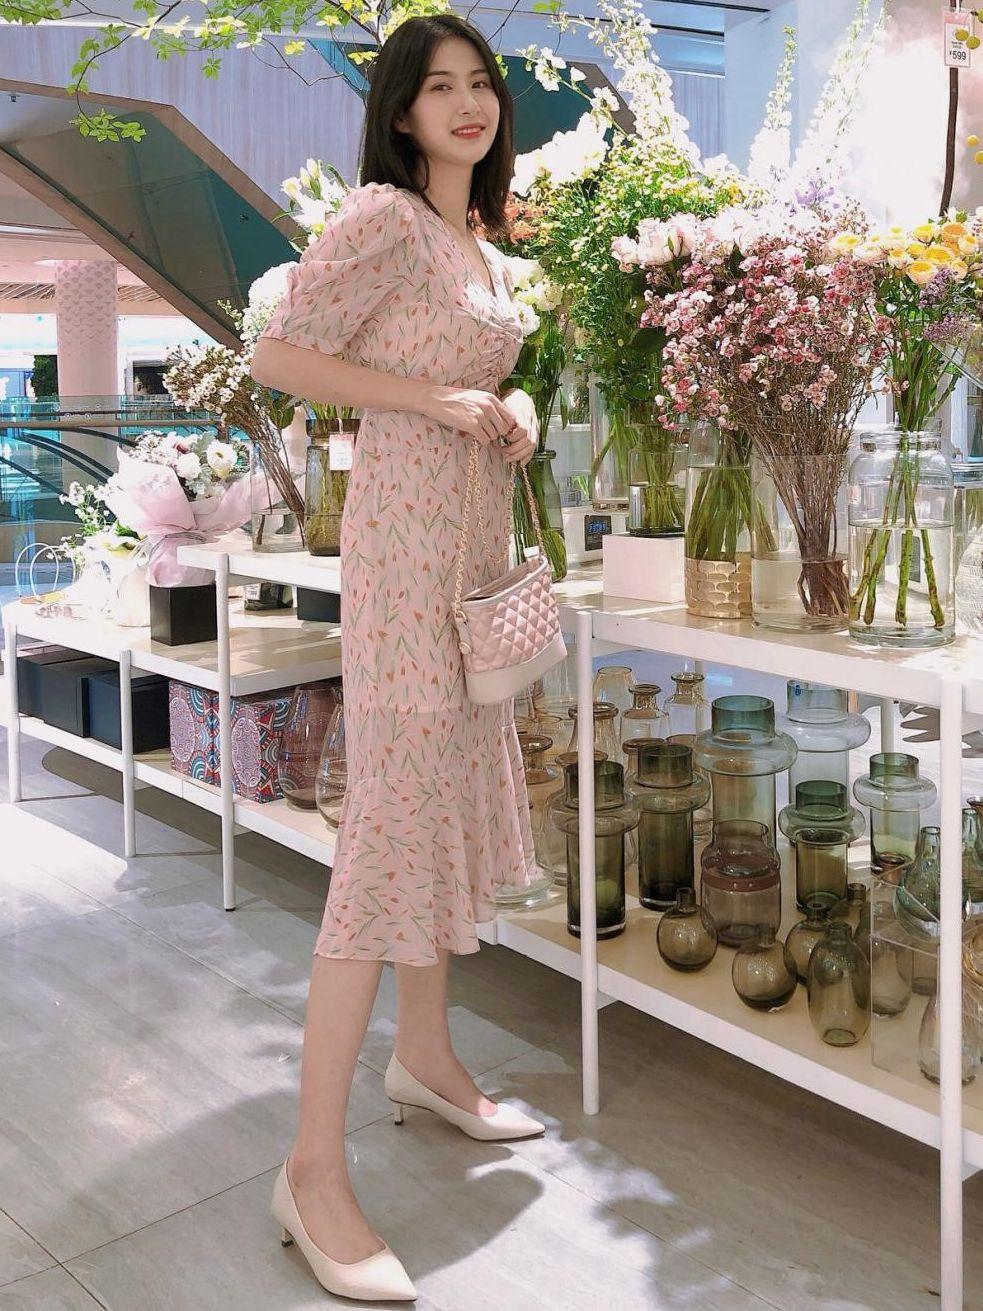 开家37°生活美学女装店前期需要投入多少钱?